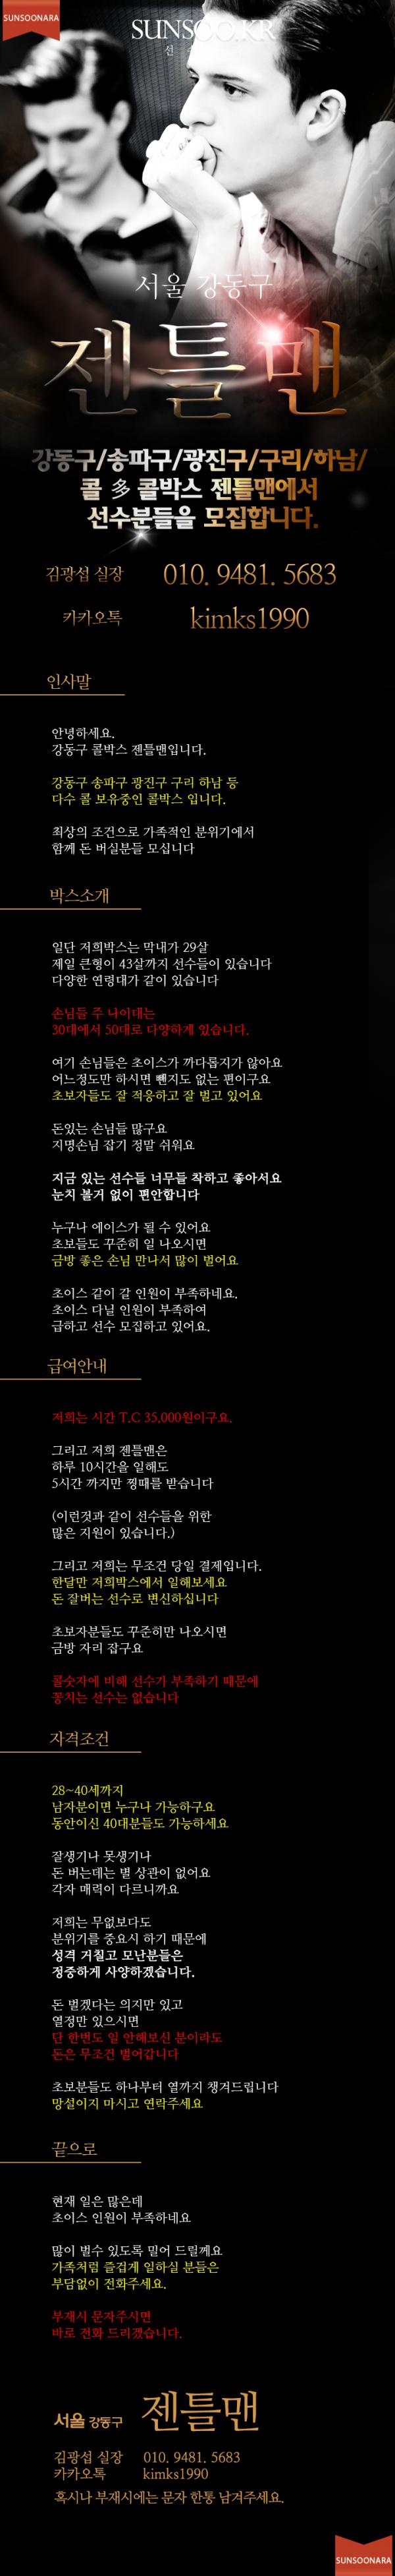 강동구 젠틀맨.png